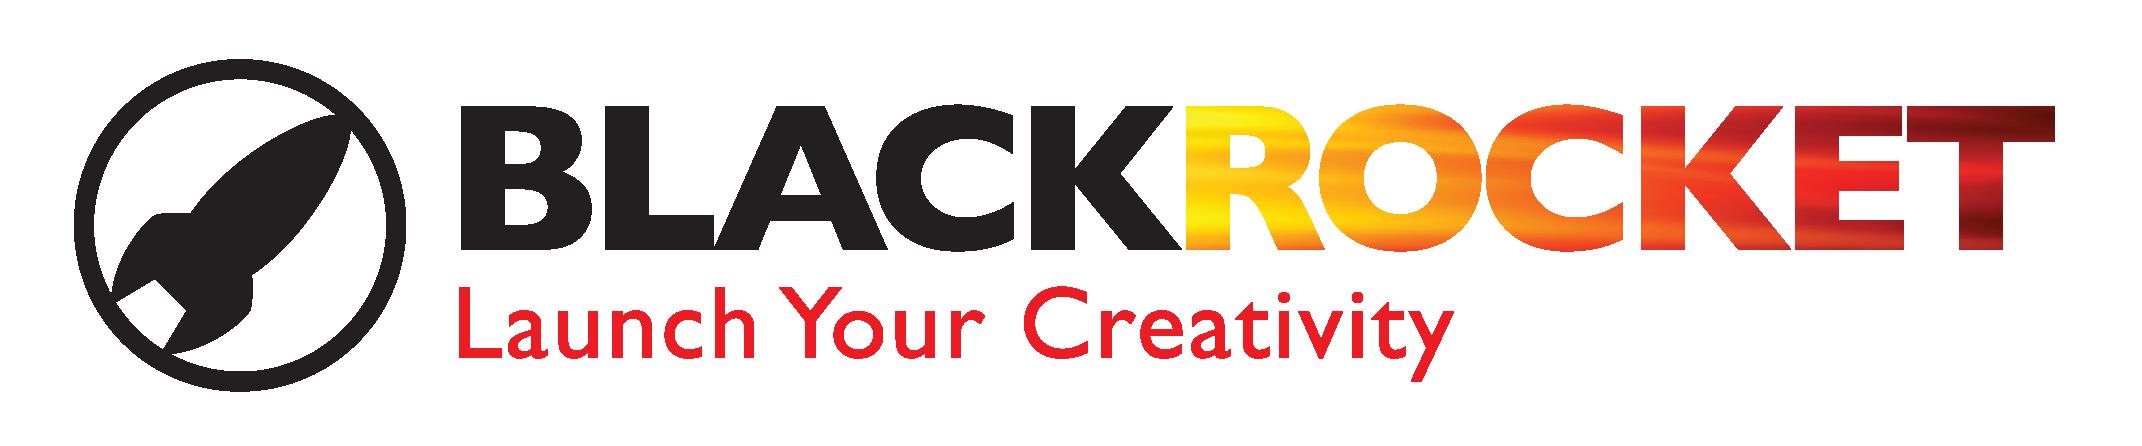 Blackrocket logo